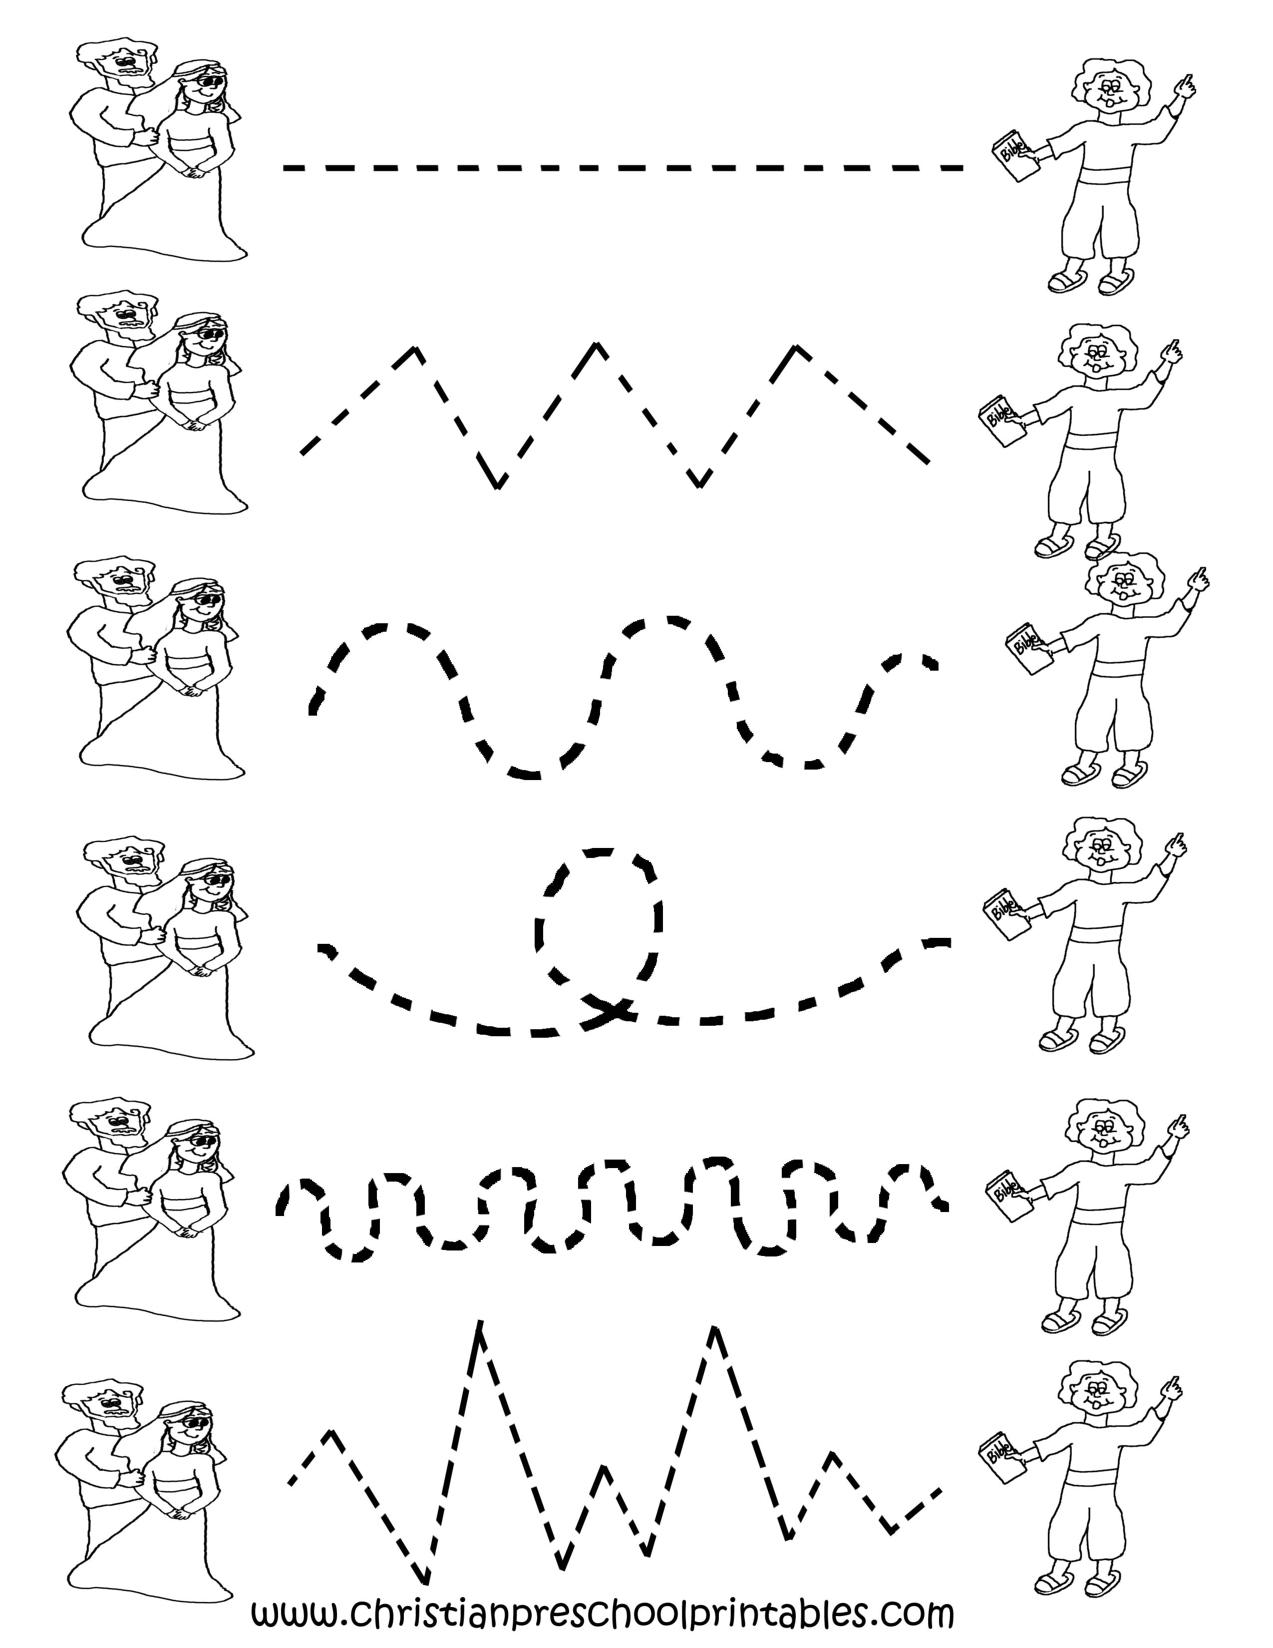 Free Printable Worksheets For Preschool   Preschool Tracing - Free Printable Preschool Worksheets Tracing Lines